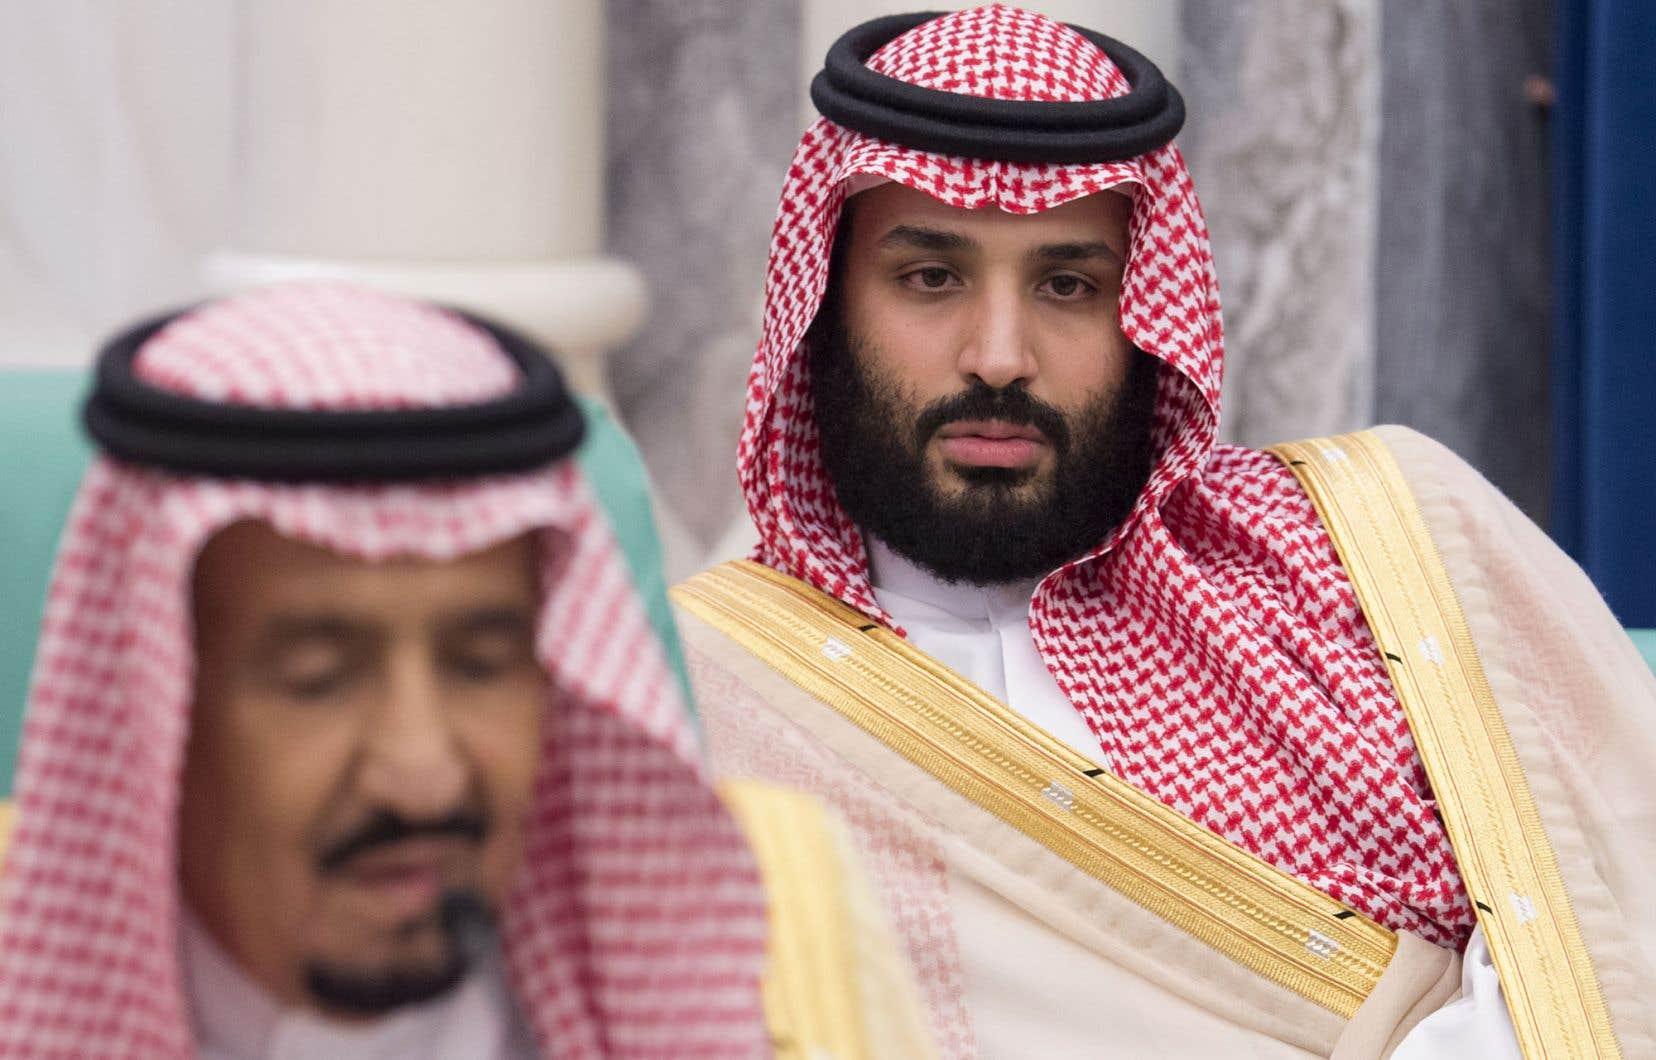 La répression contre les dissidents s'est accentuée depuis la désignation en 2017 du prince héritier Mohamed ben Salmane.